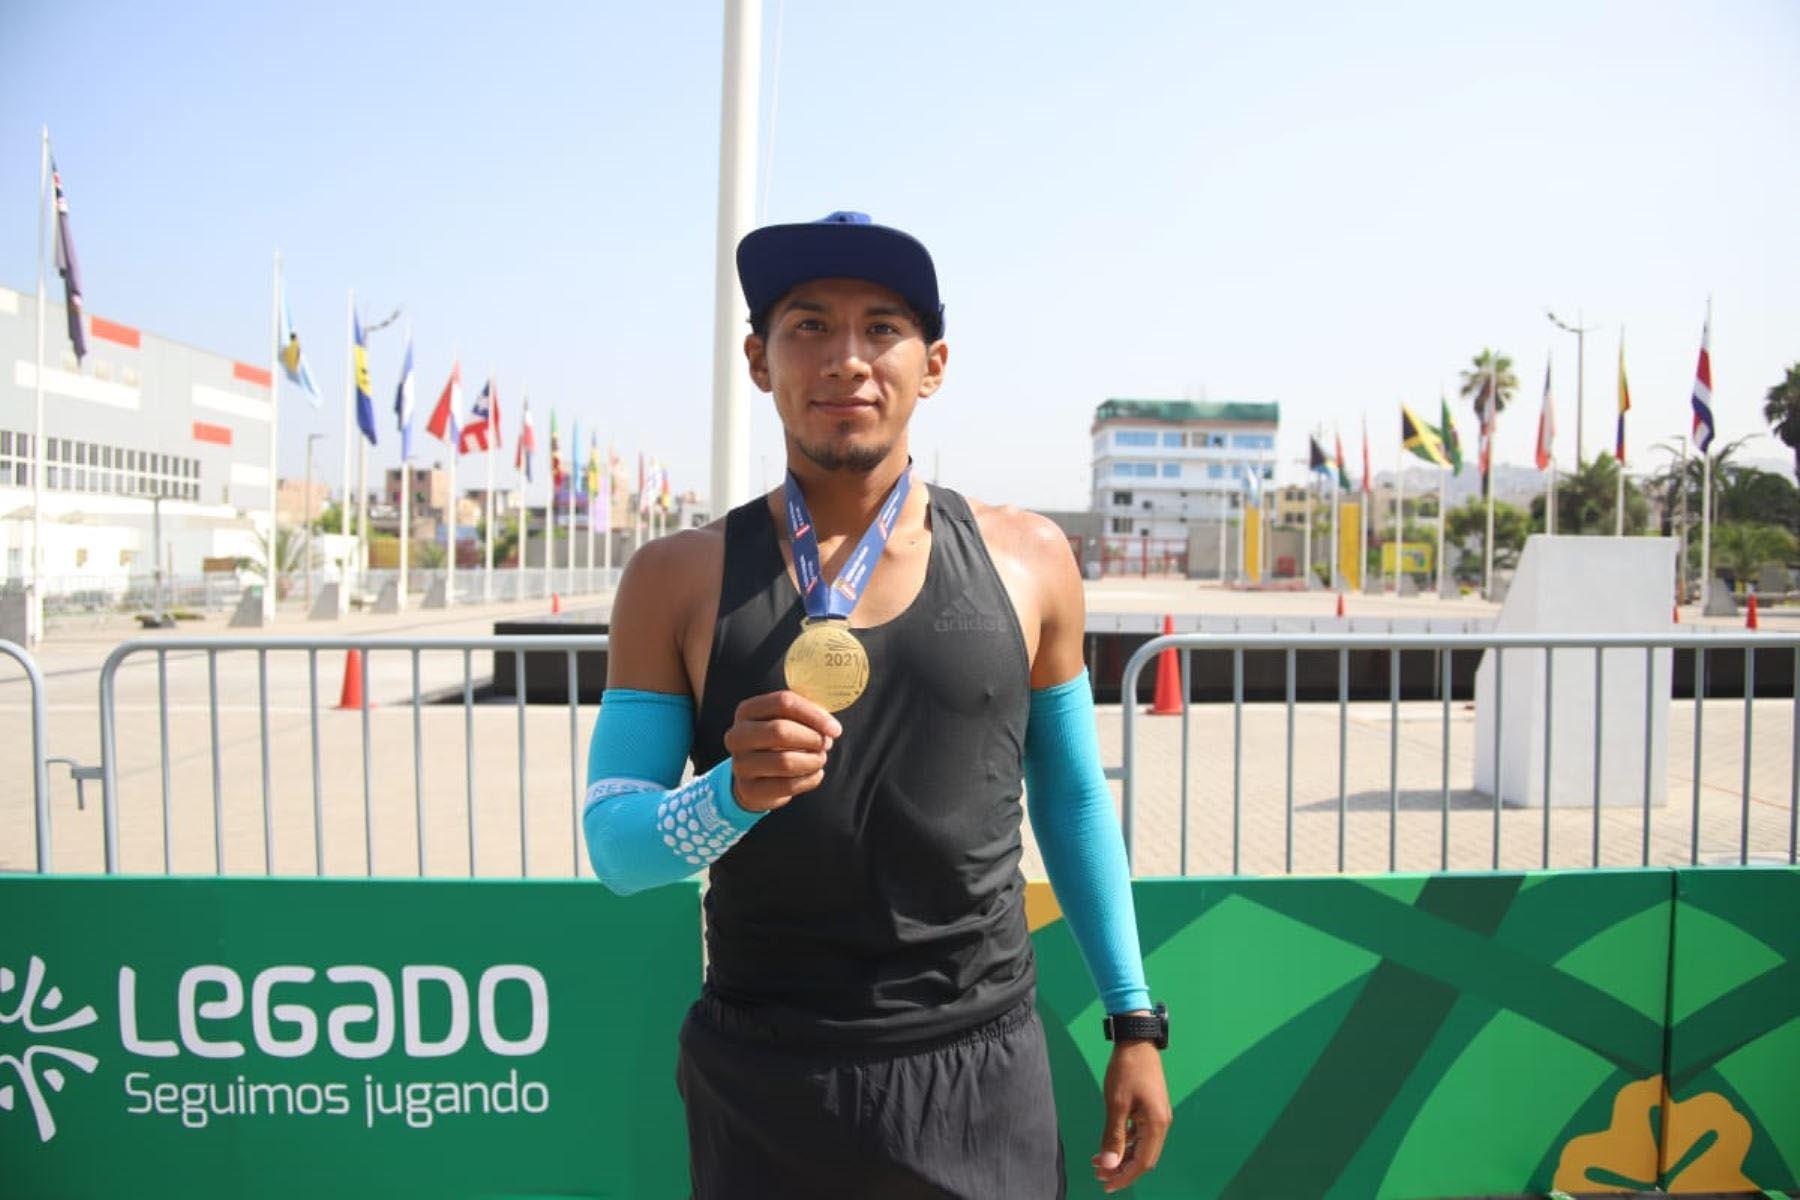 El marchista César Rodríguez logró su cupo a los Juegos Tokio 2020. Foto: Legado